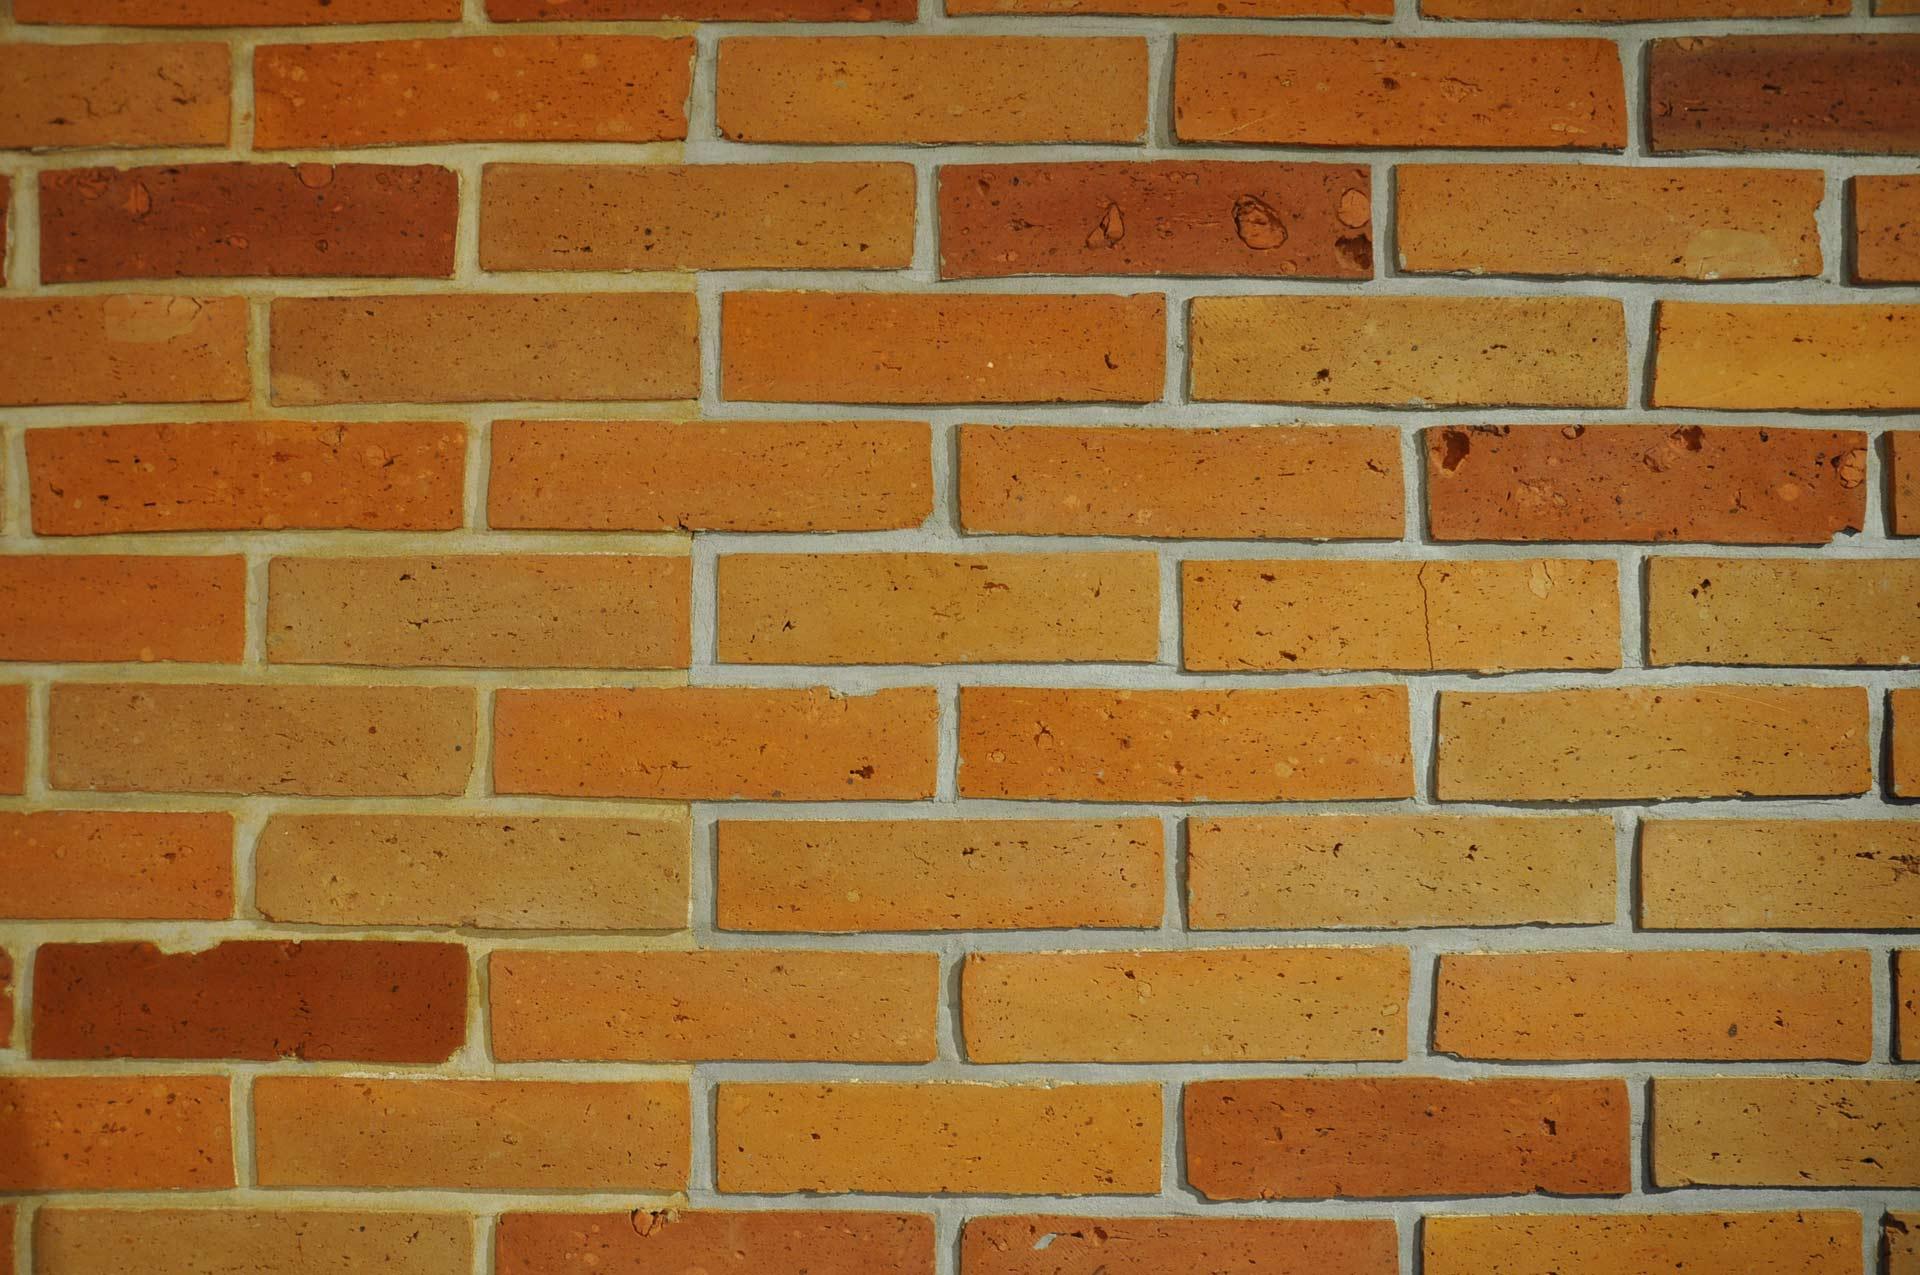 Gładka płytka ze środka cegły